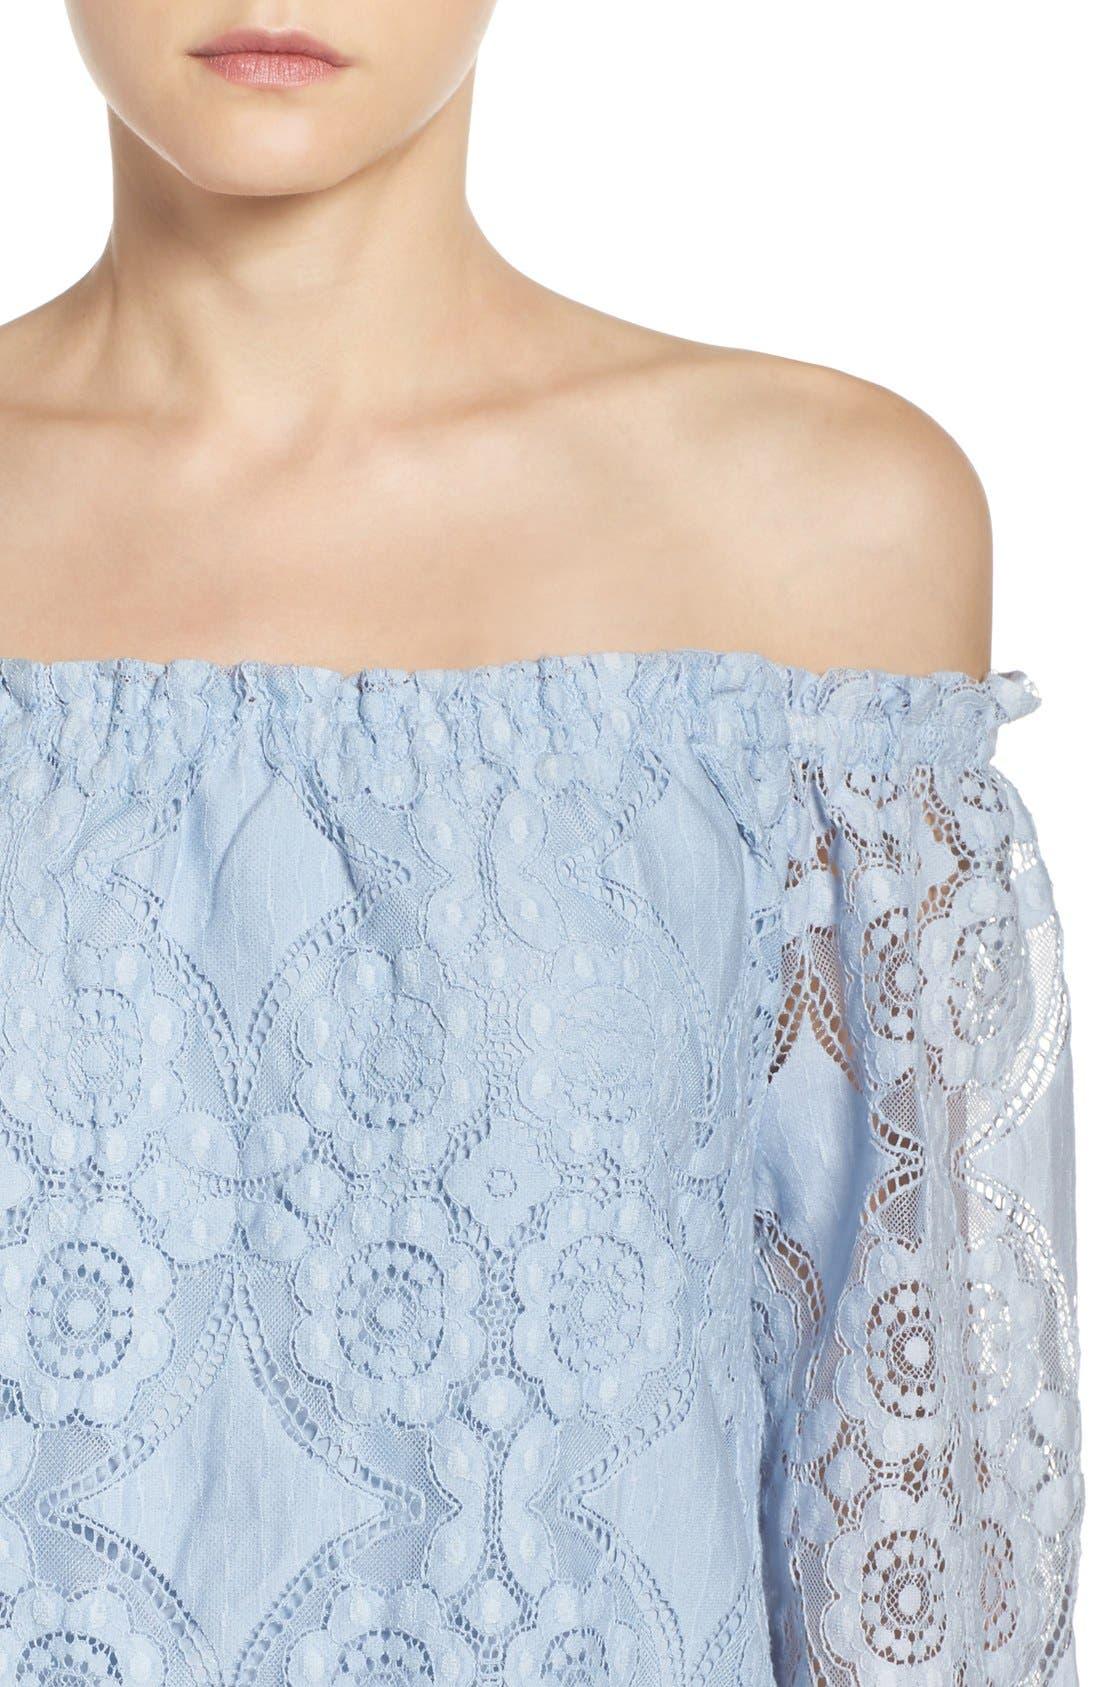 Halden A-Line Dress,                             Alternate thumbnail 2, color,                             460